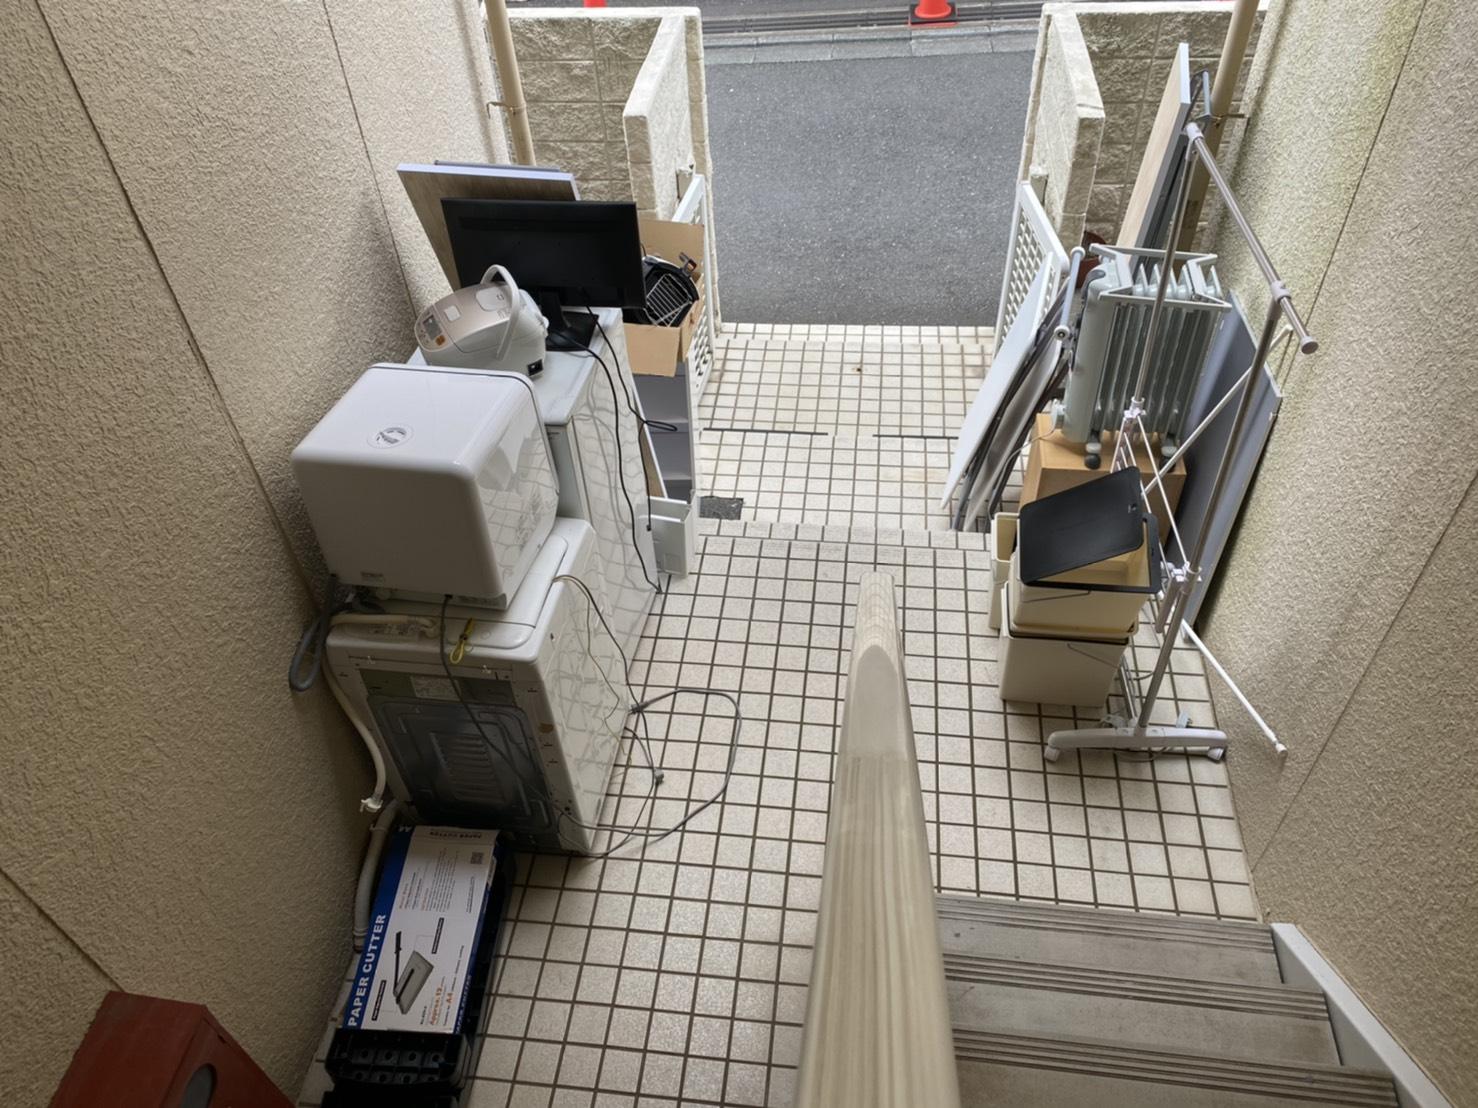 冷蔵庫、物干し台、その他不用品の回収前